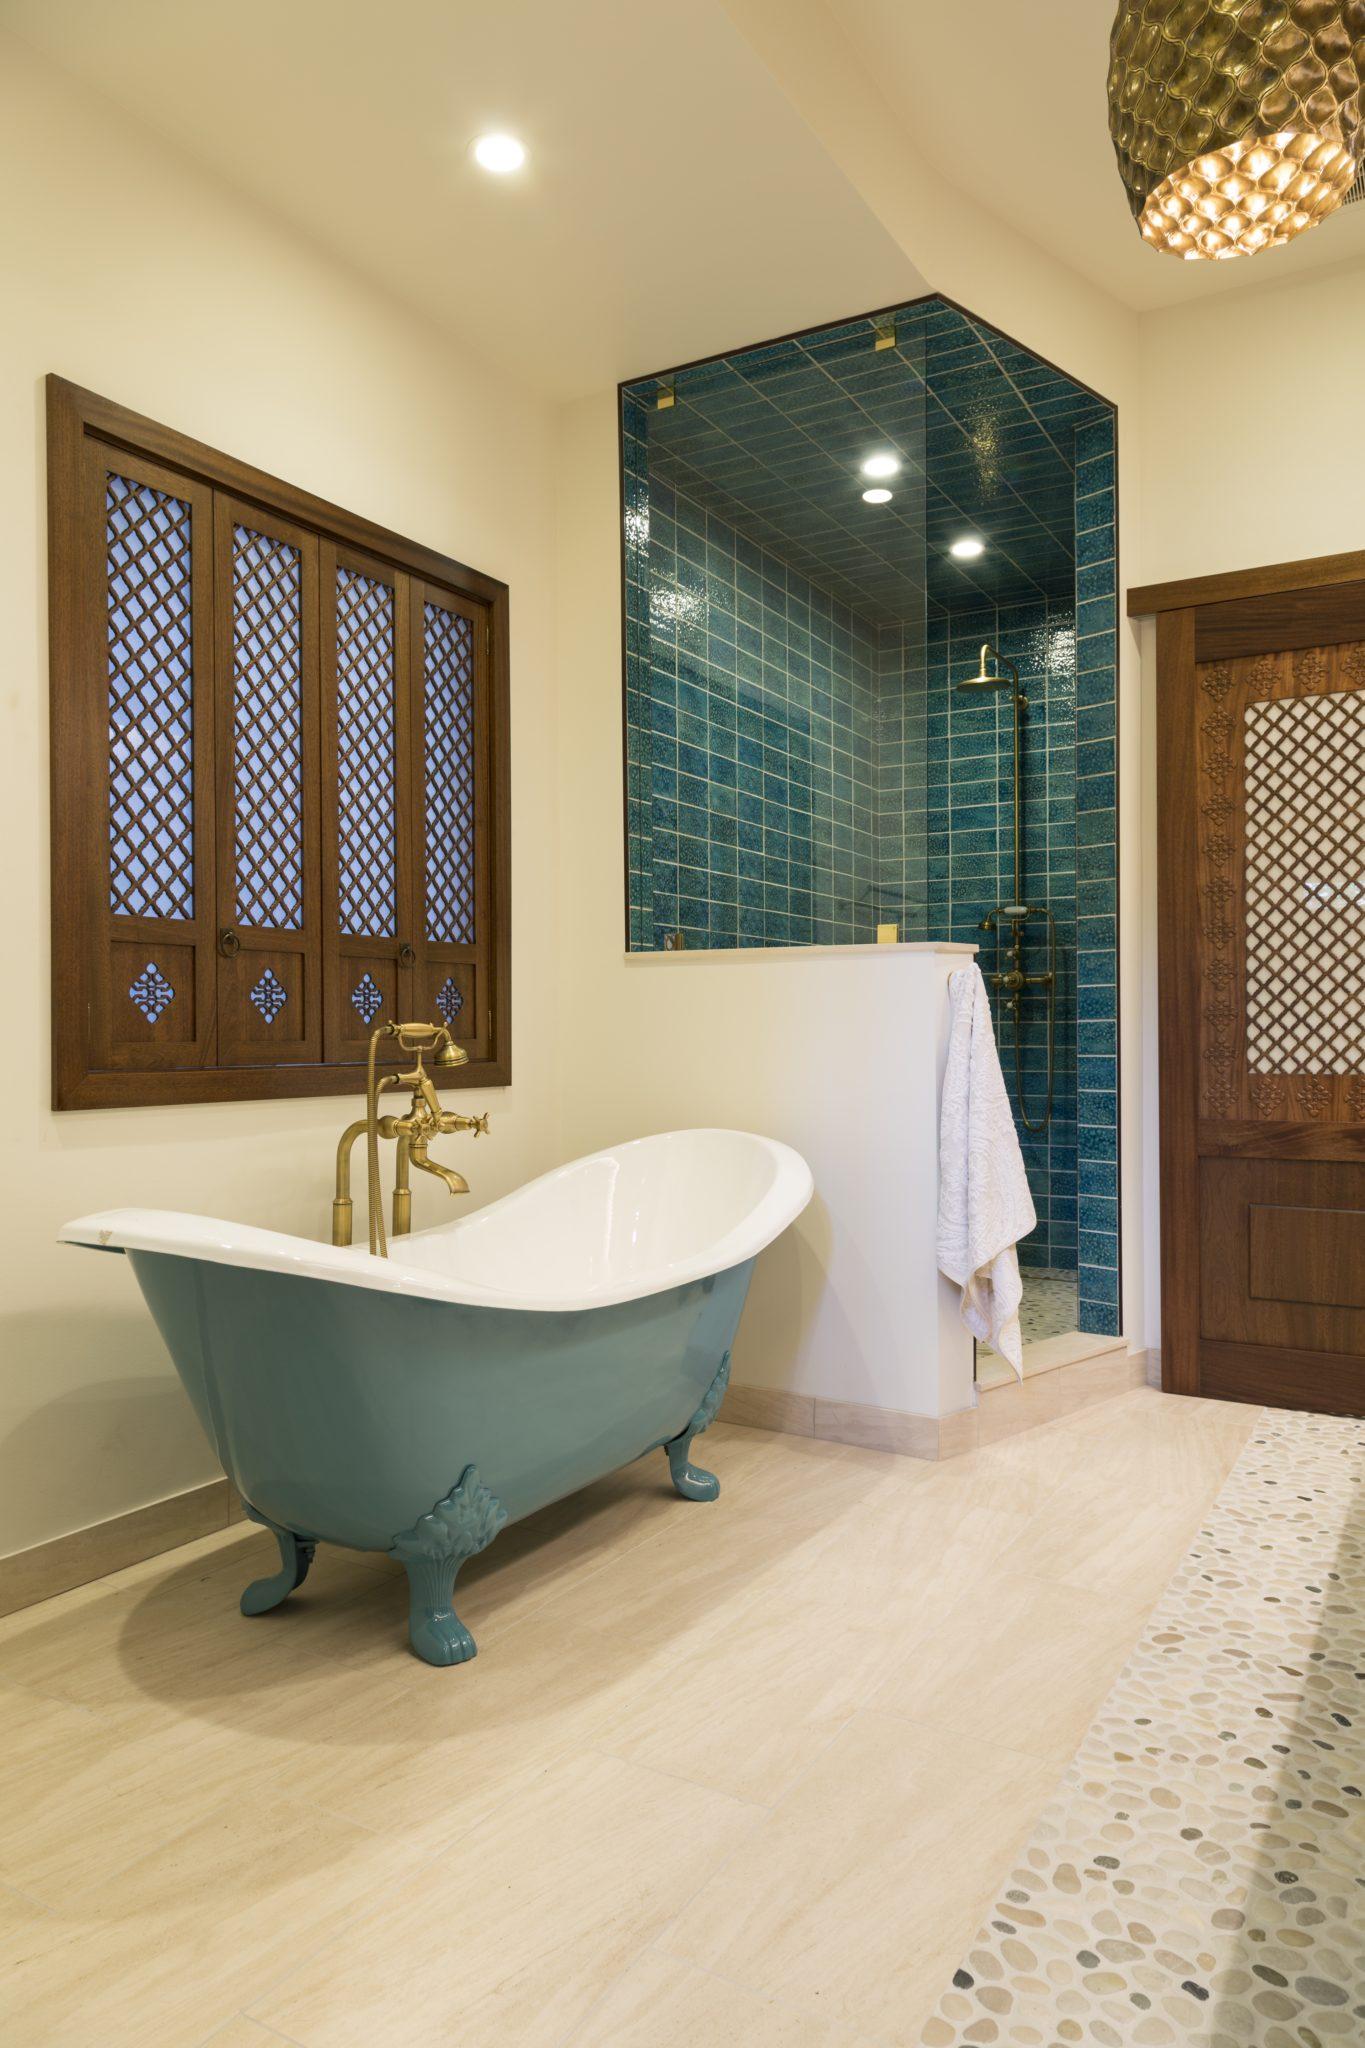 Island Master Bath Tub by Mia Rao Design